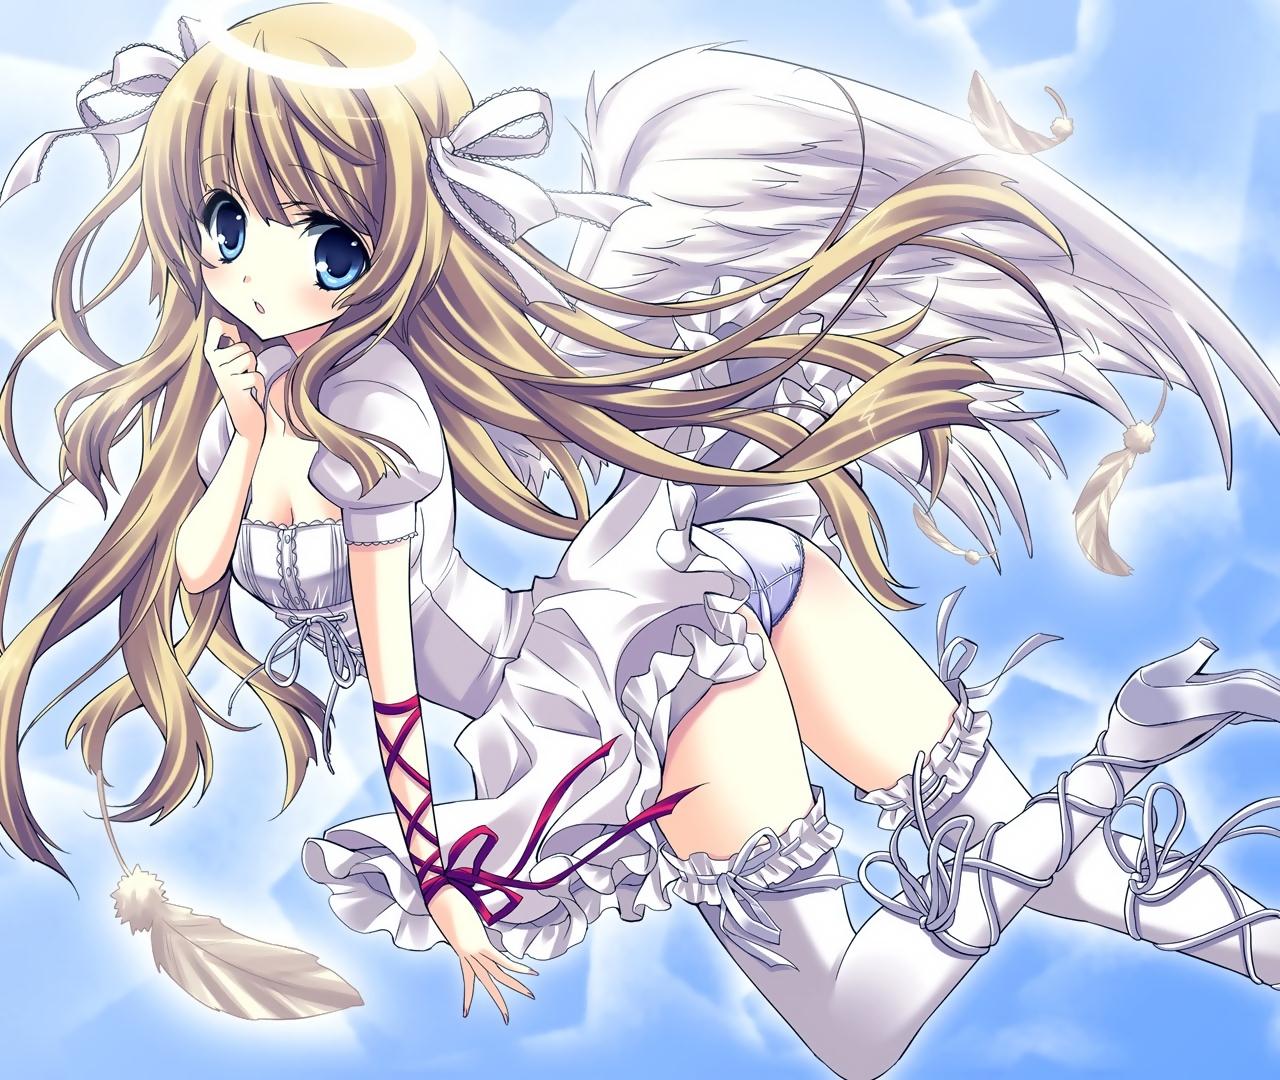 blonde_hair blue_eyes feathers long_hair panties ribbons sky thighhighs underwear wings yukiwo